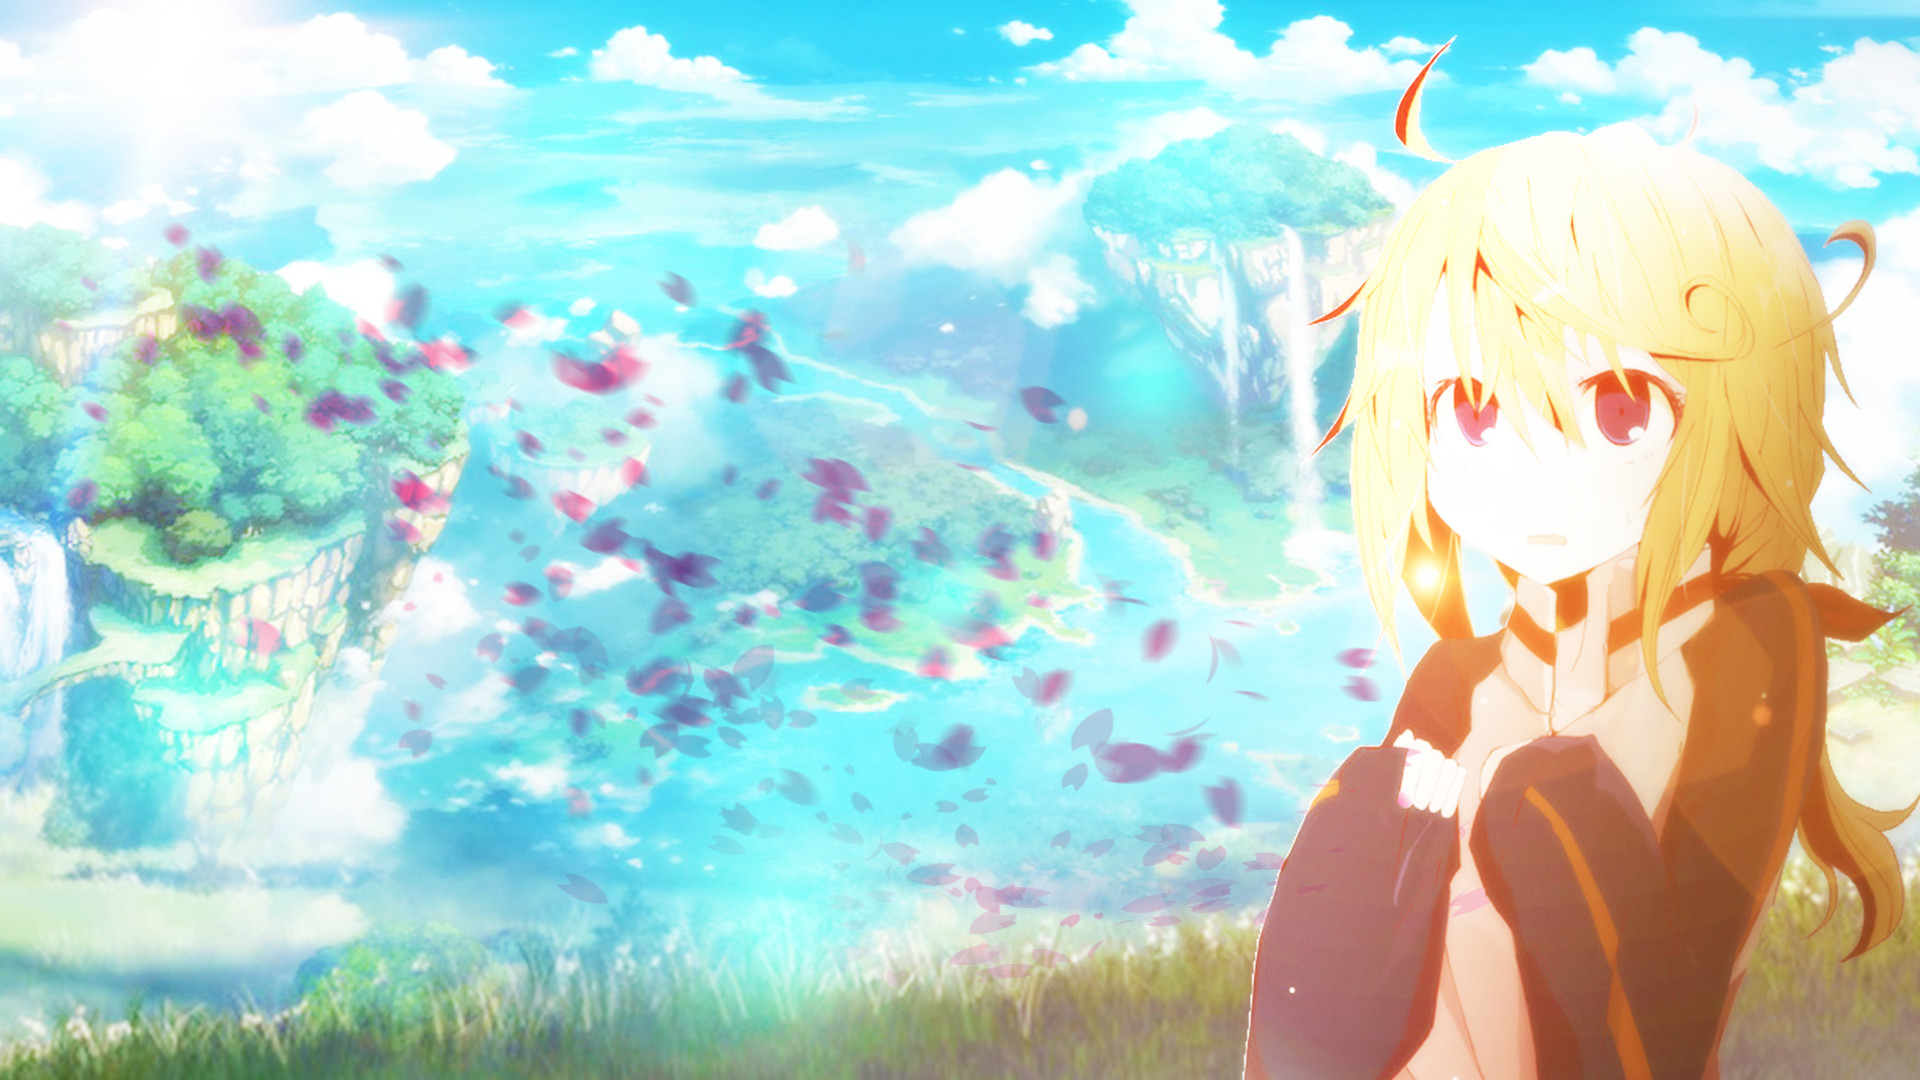 Kawaii girl wallpaper by ATNDesign Kawaii girl wallpaper by ATNDesign